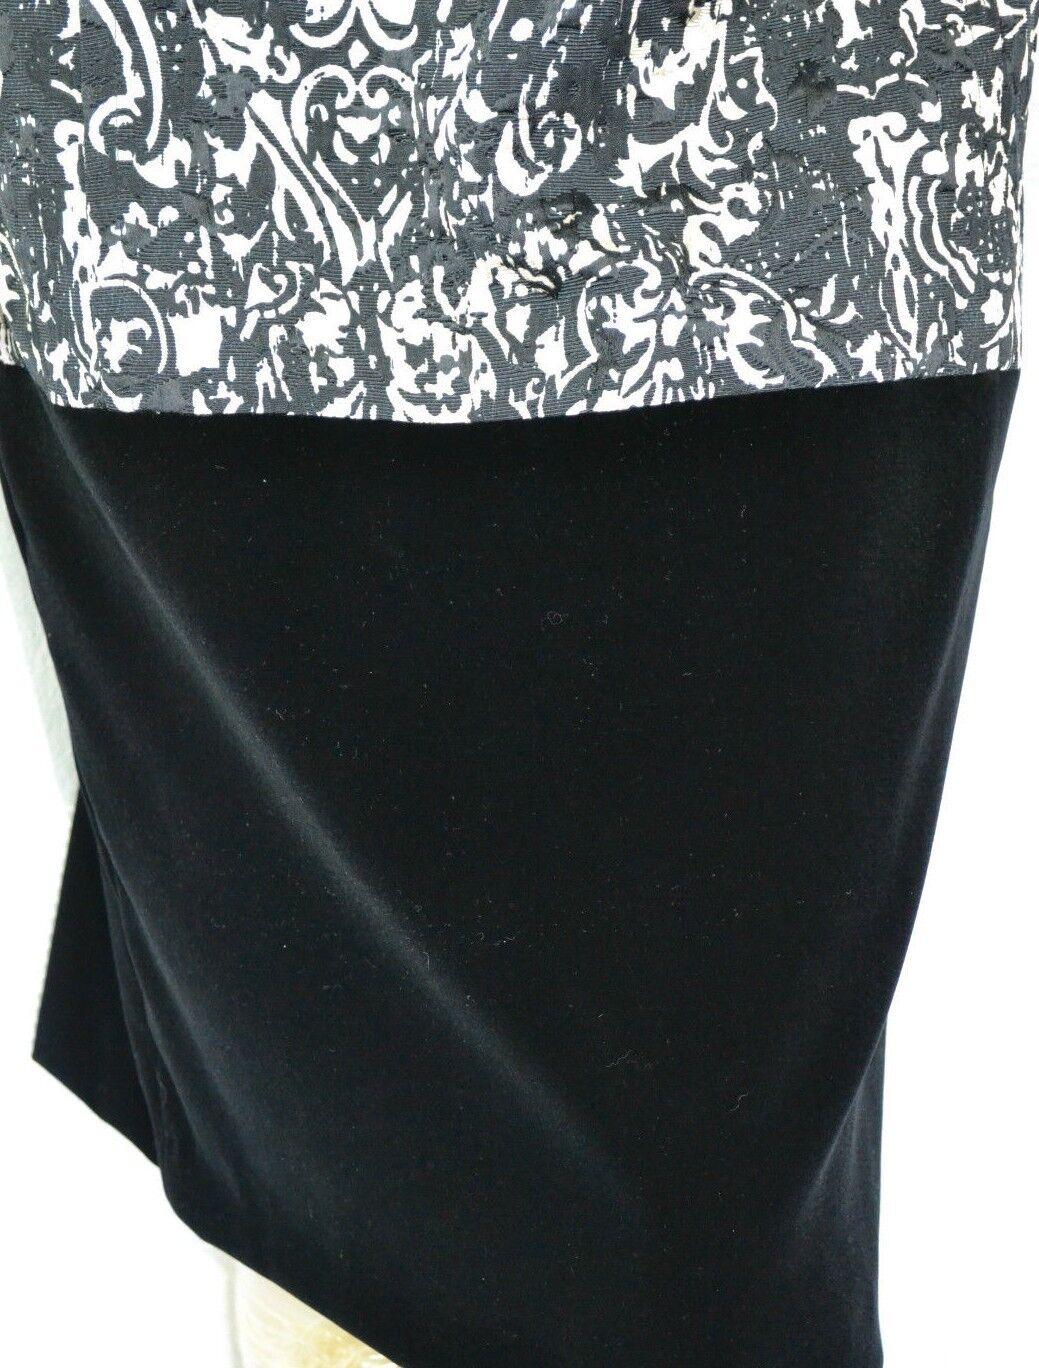 NEU   MAX MARA 1. Linie Kleid robe dress NEU  NEW Gr. 42 M L elegant NEW